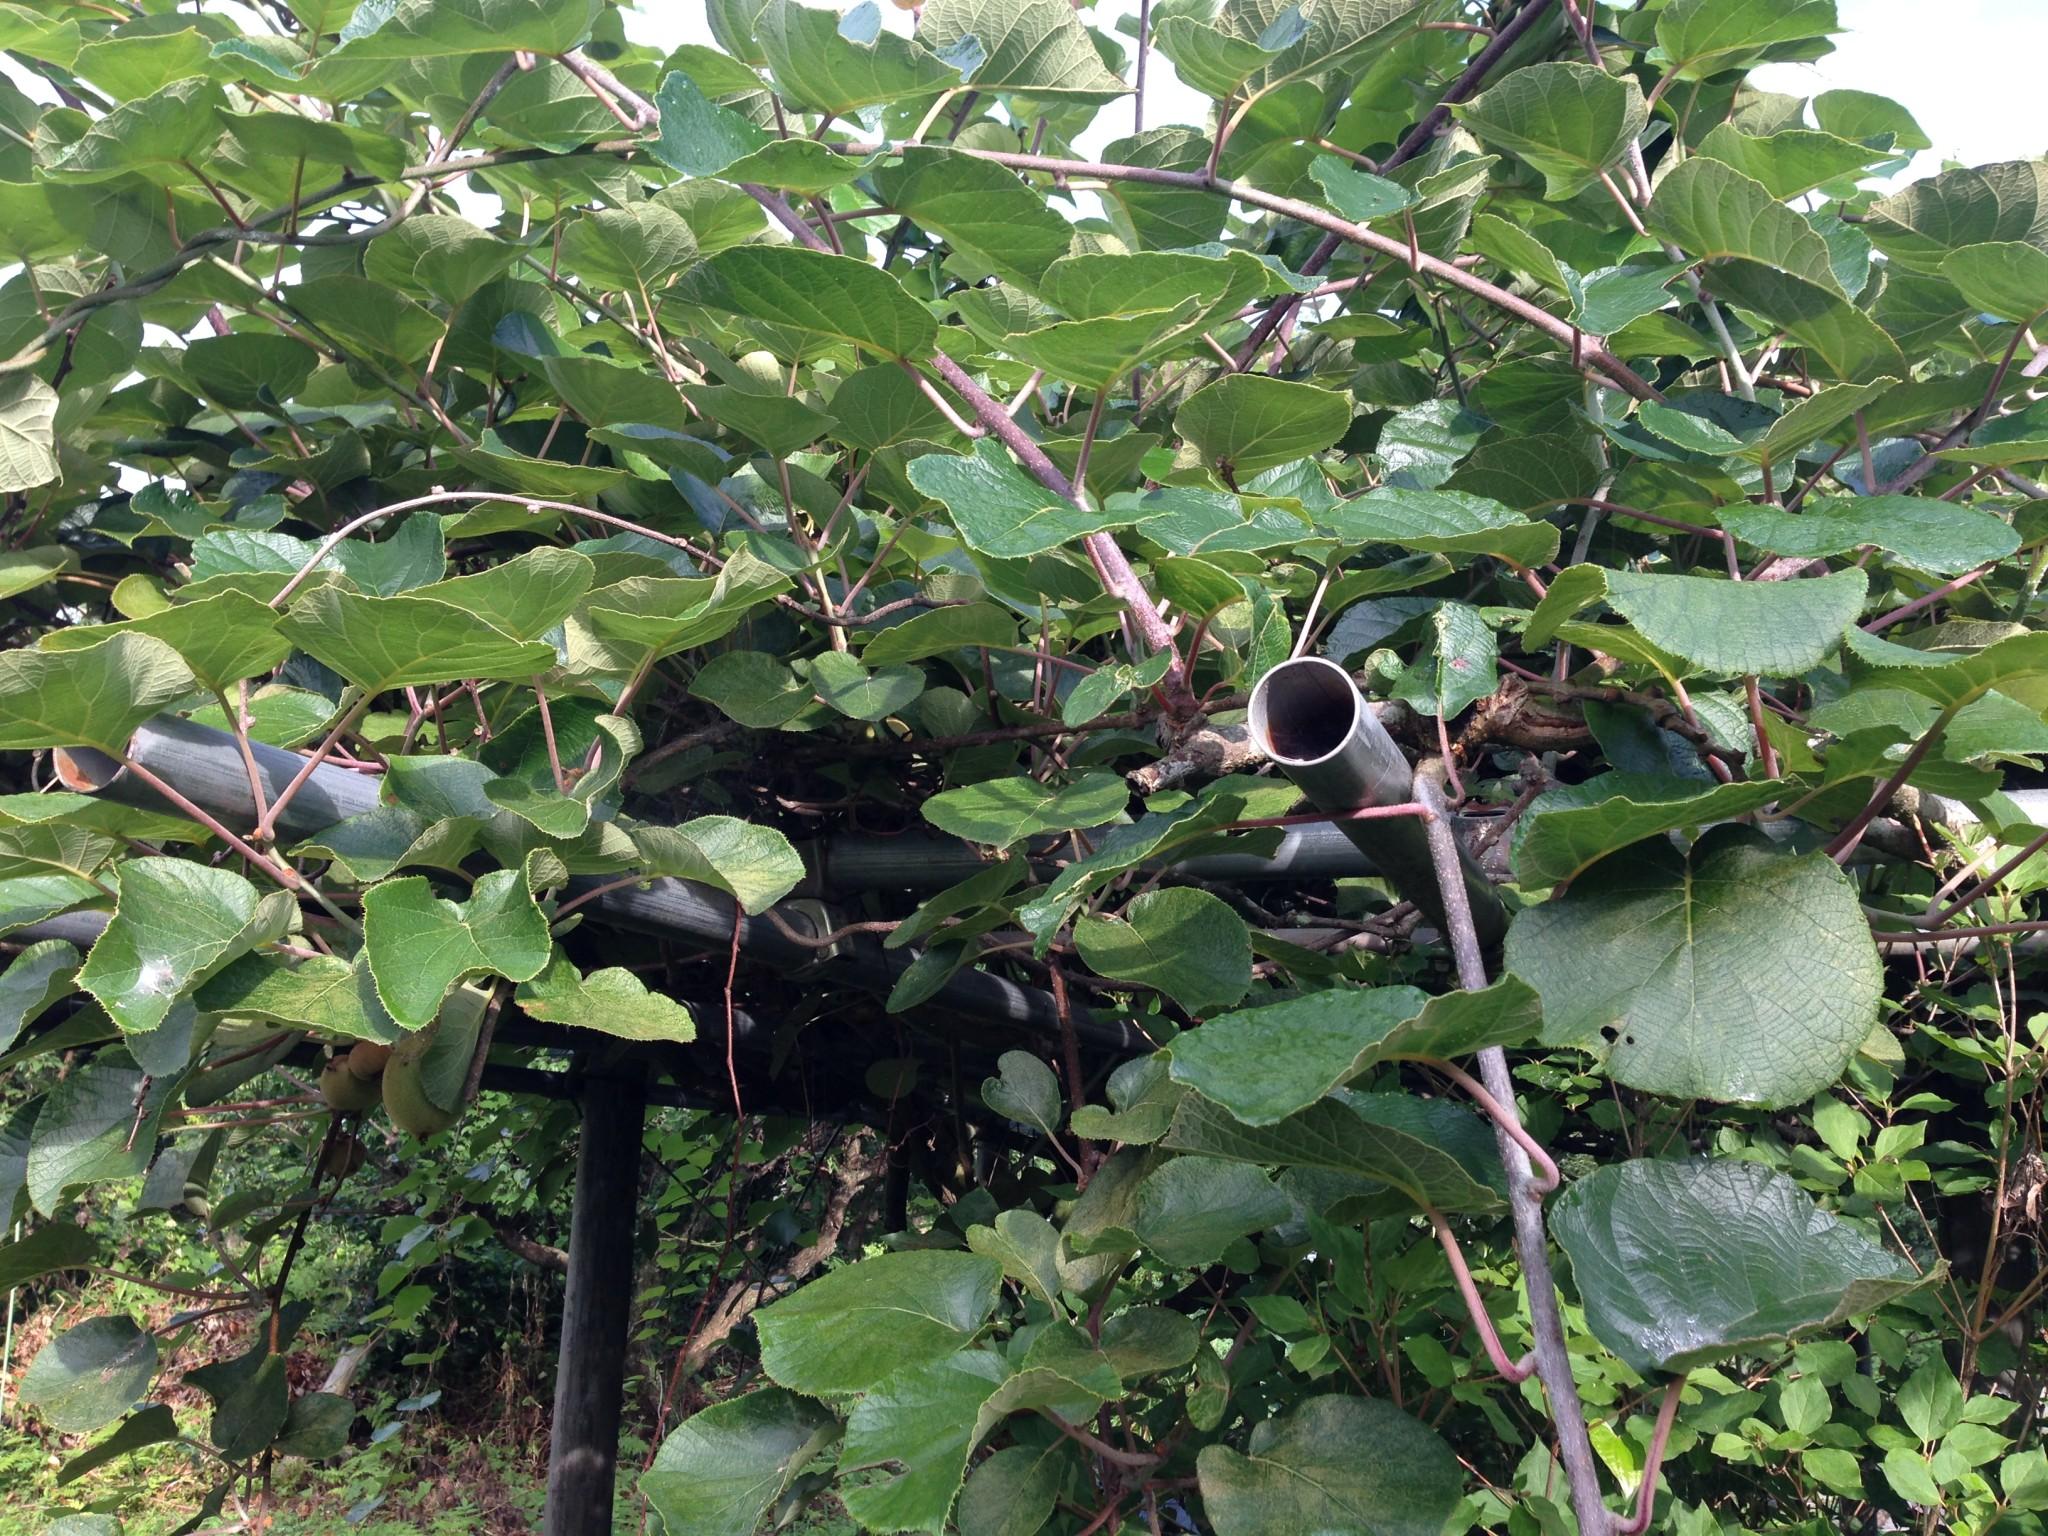 伸び過ぎたキウィフルーツの棚①